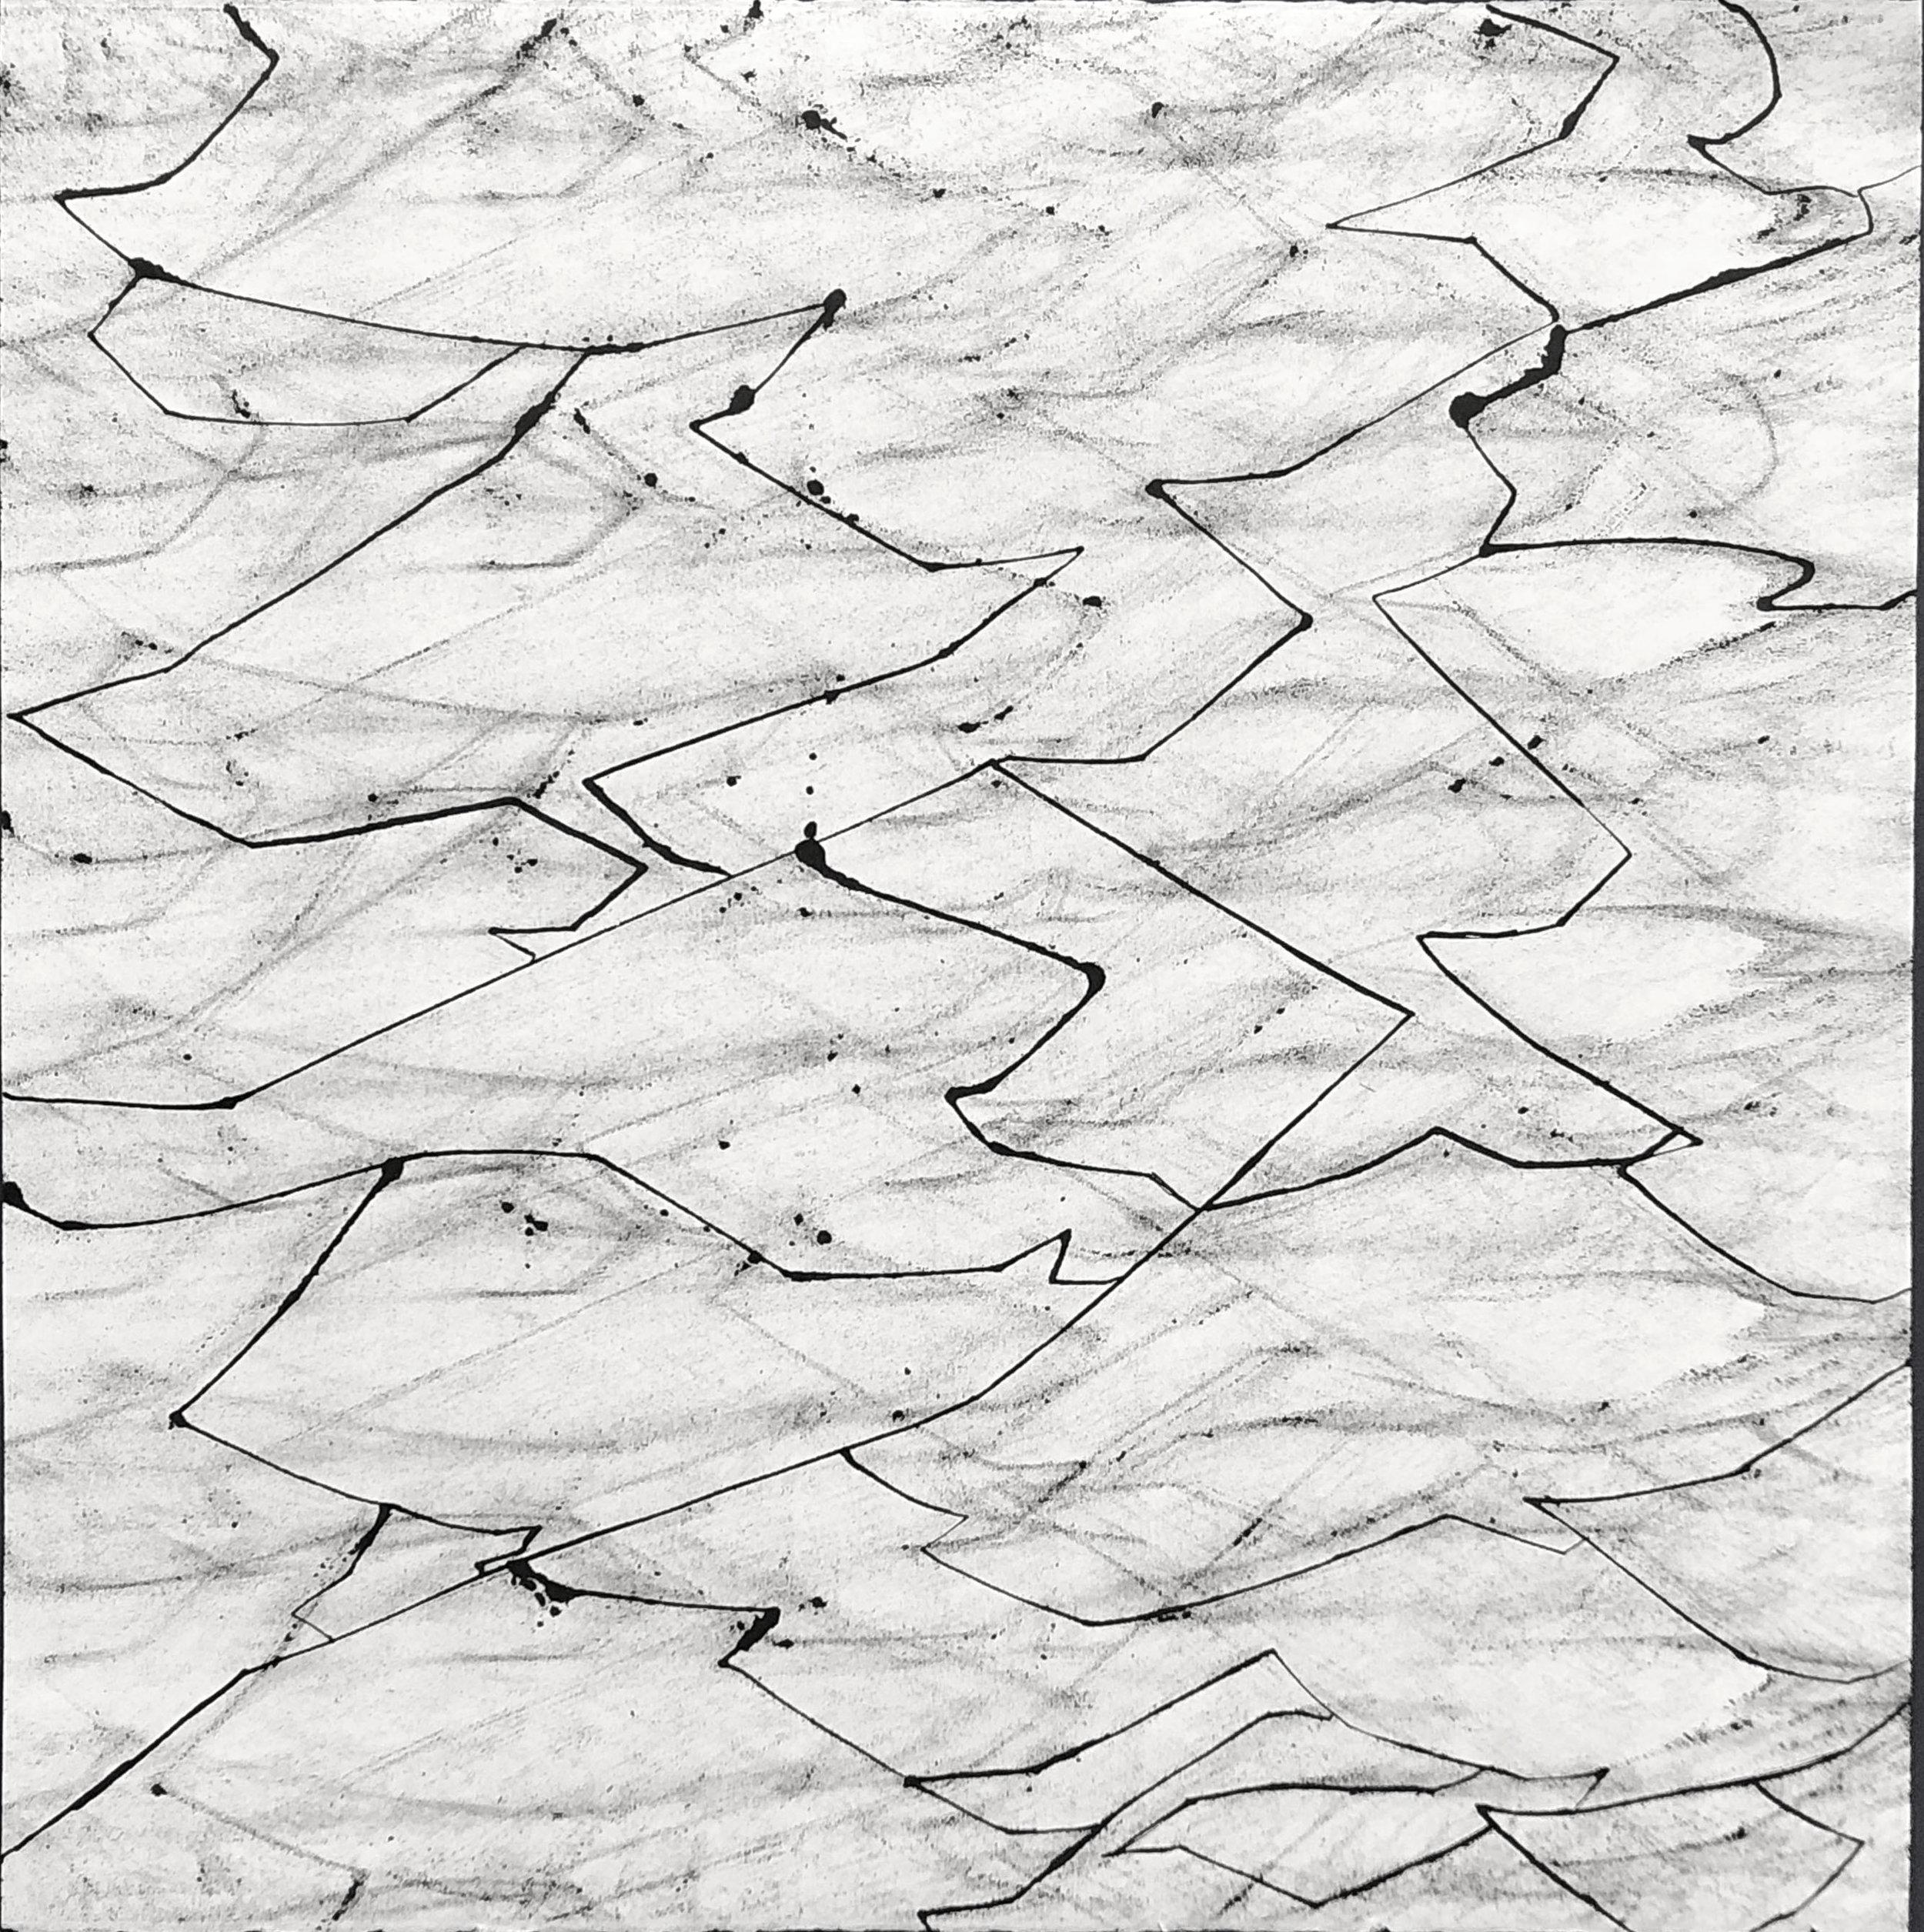 Sentencings, 22.5x22.5, Ink on Paper